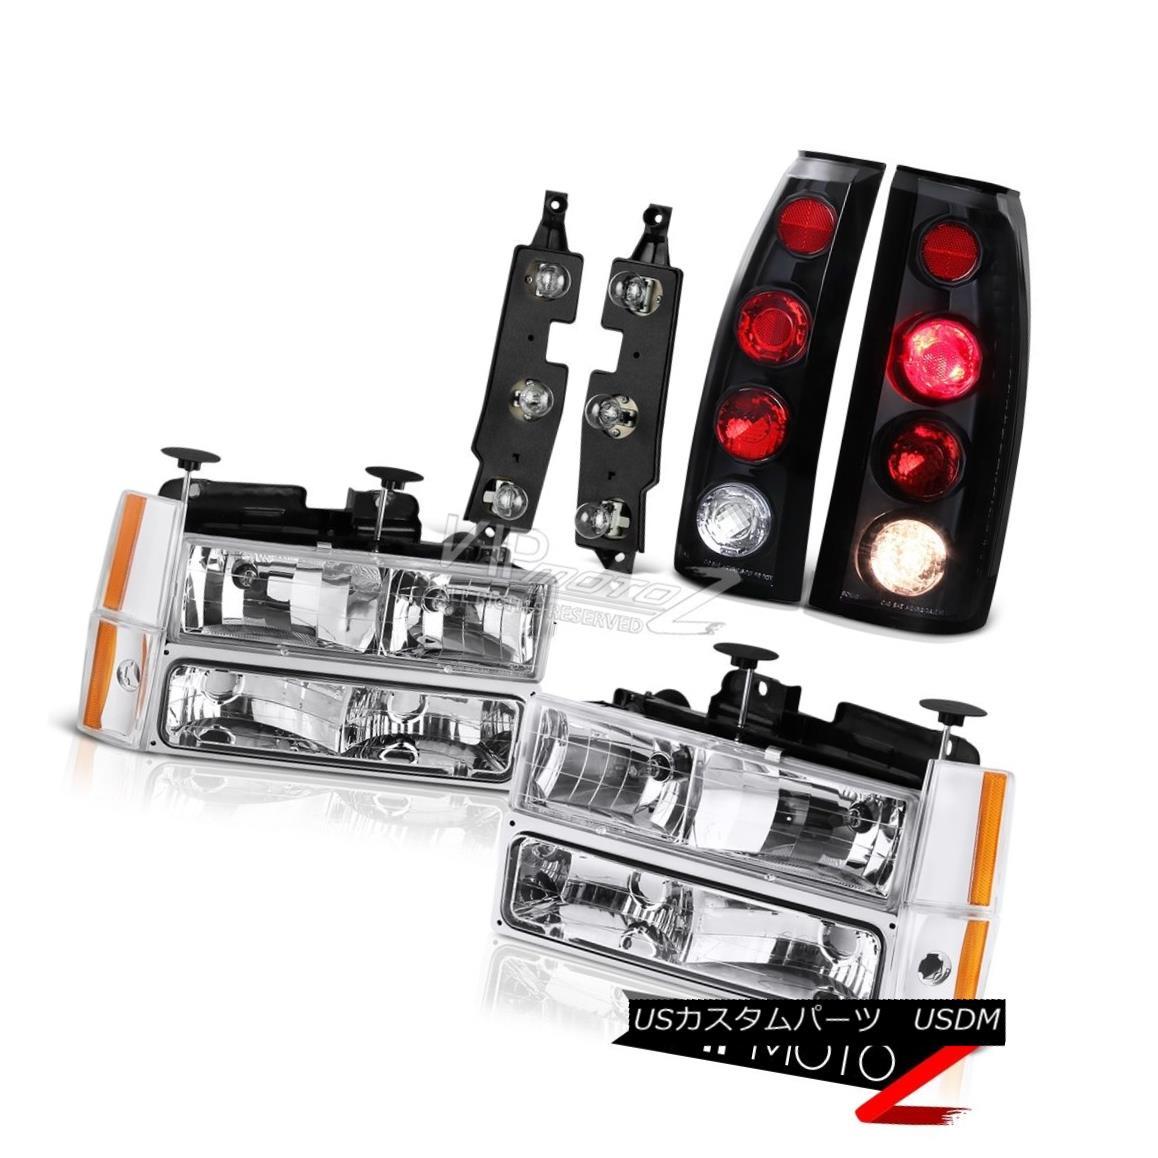 ヘッドライト 88-93 Silverado 3500 Bulbs Holder Matte Black Tail Lamps Headlamps Bumper Corner 88-93 Silverado 3500球根ホルダーマットブラックテールランプヘッドランプバンパーコーナー